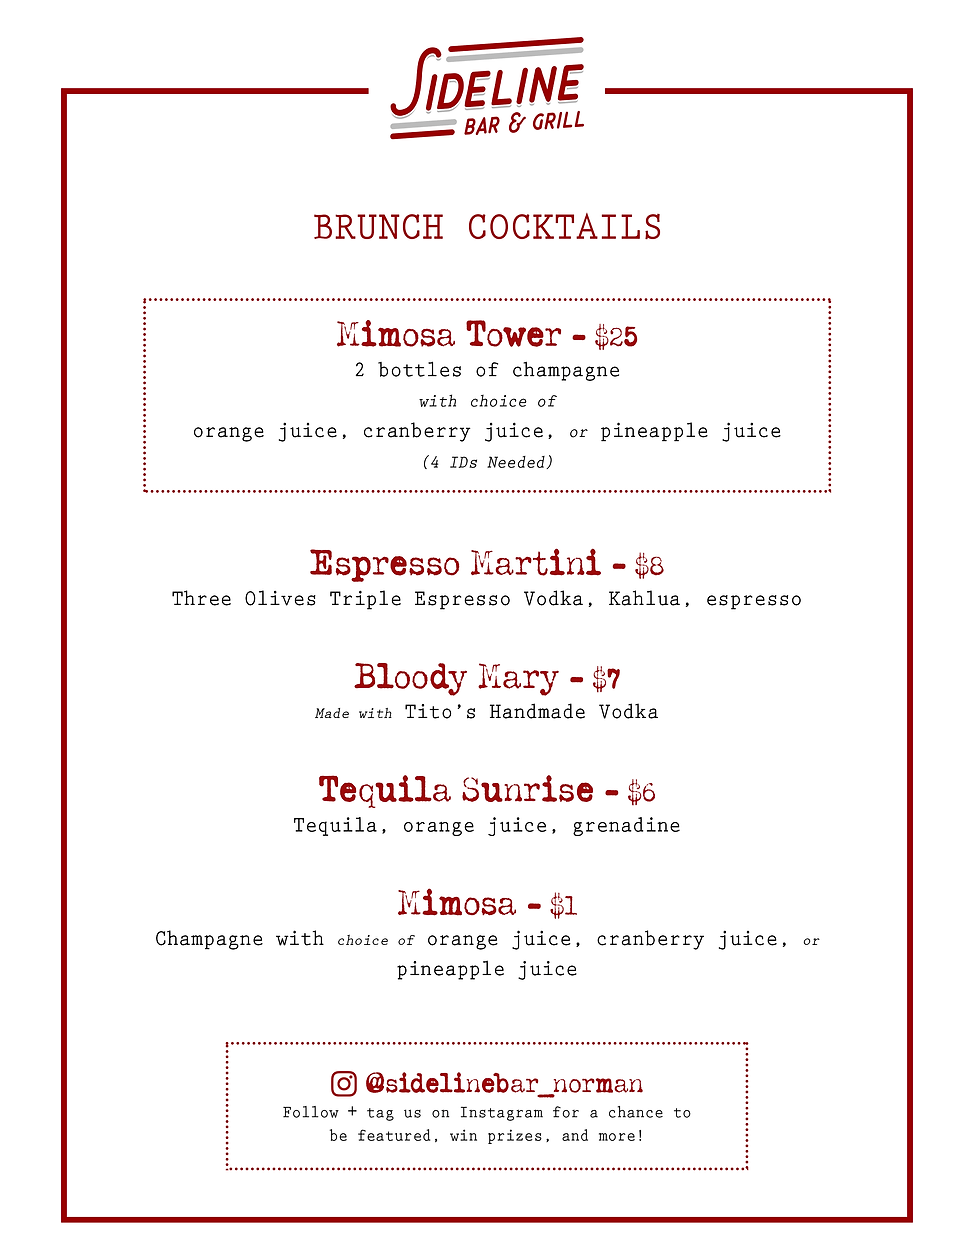 Sideline_Brunch Cocktails_rev020521.png